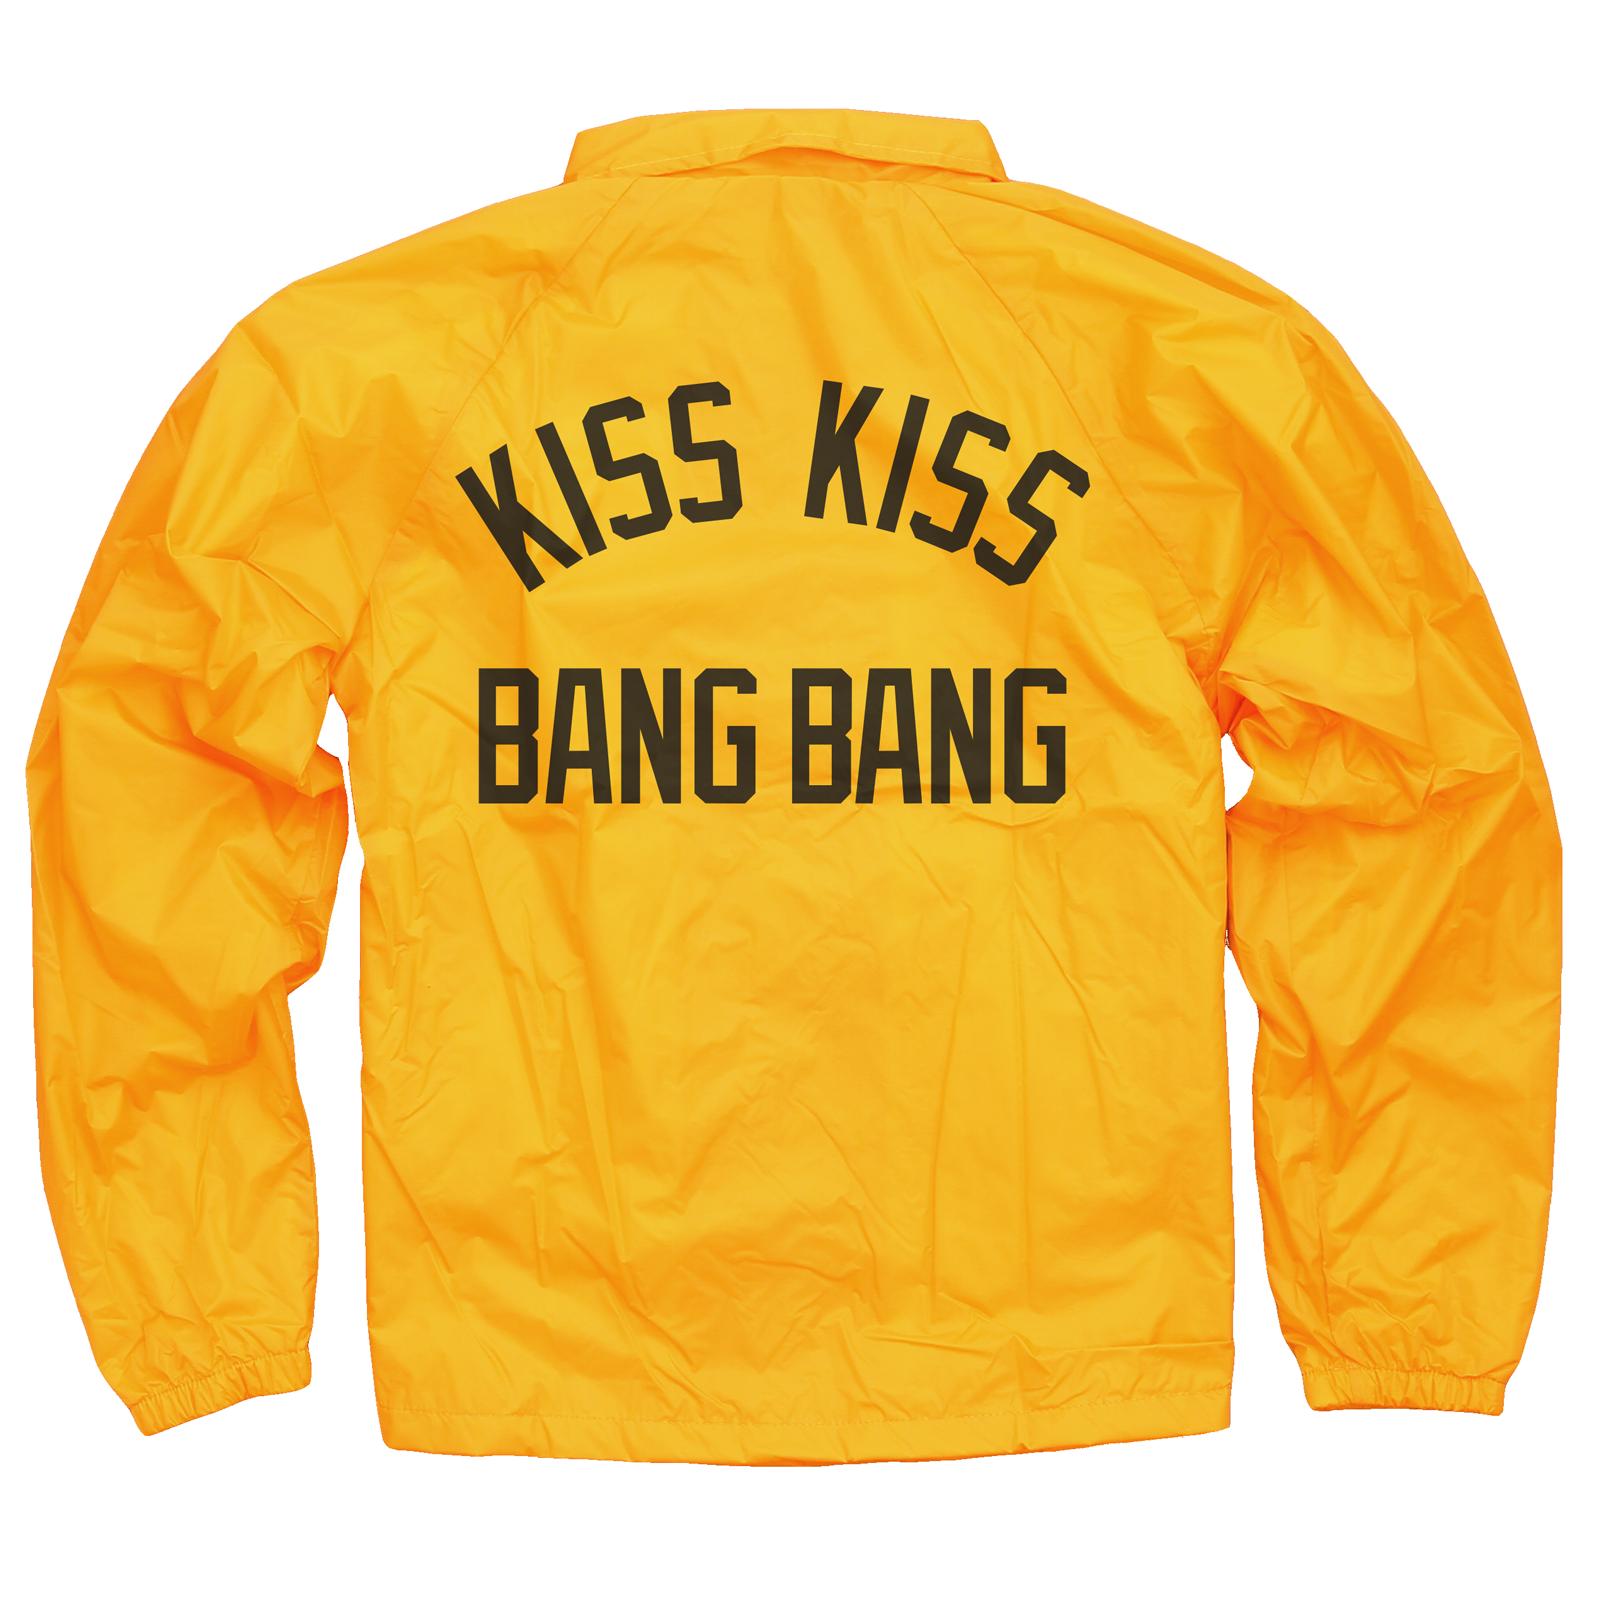 KKBB gold coaches jacket